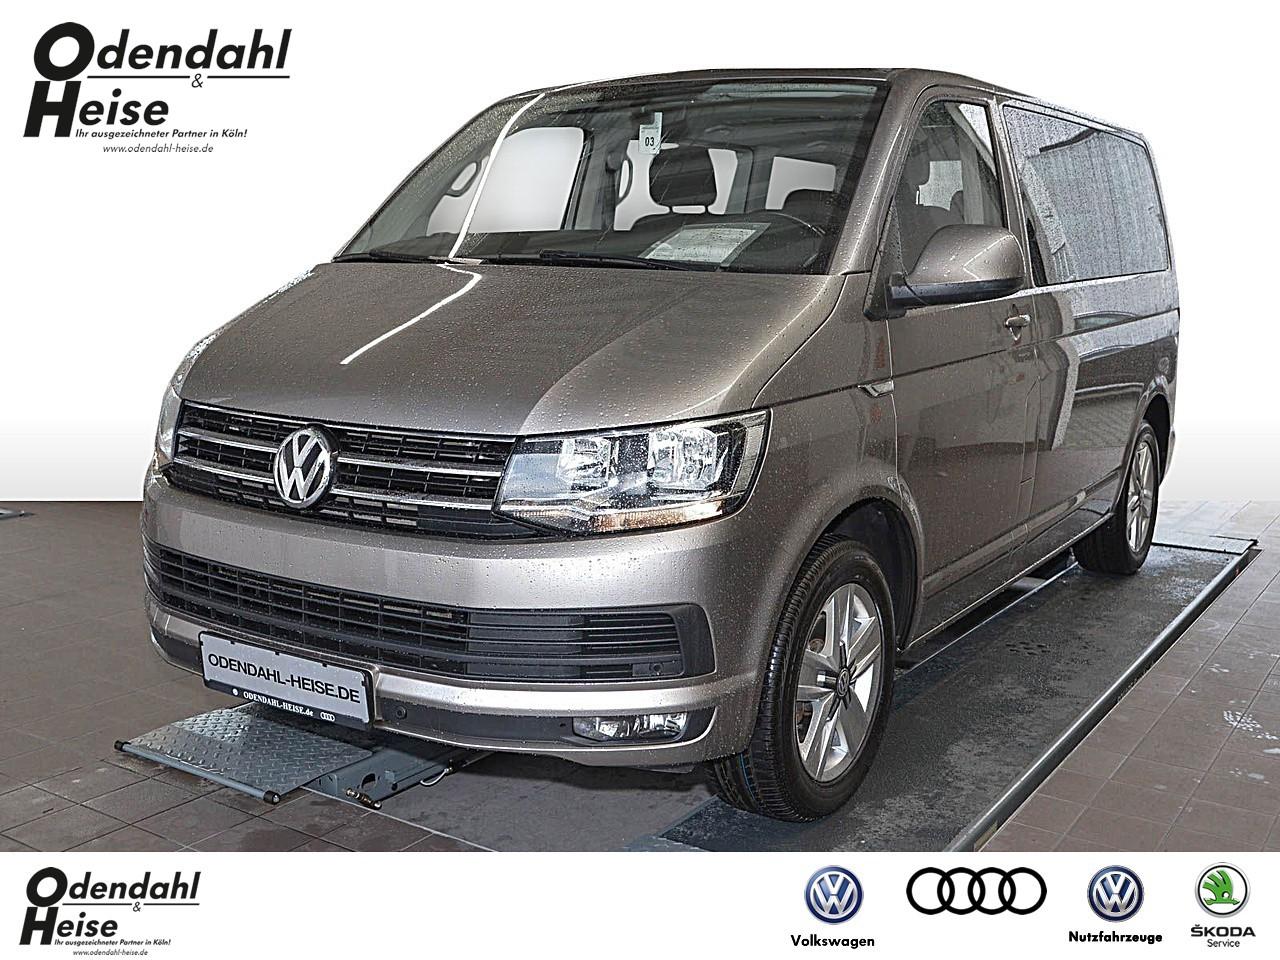 Volkswagen Multivan 2,0 l TDI EU6 SCR BMT Comfortline, Jahr 2016, Diesel